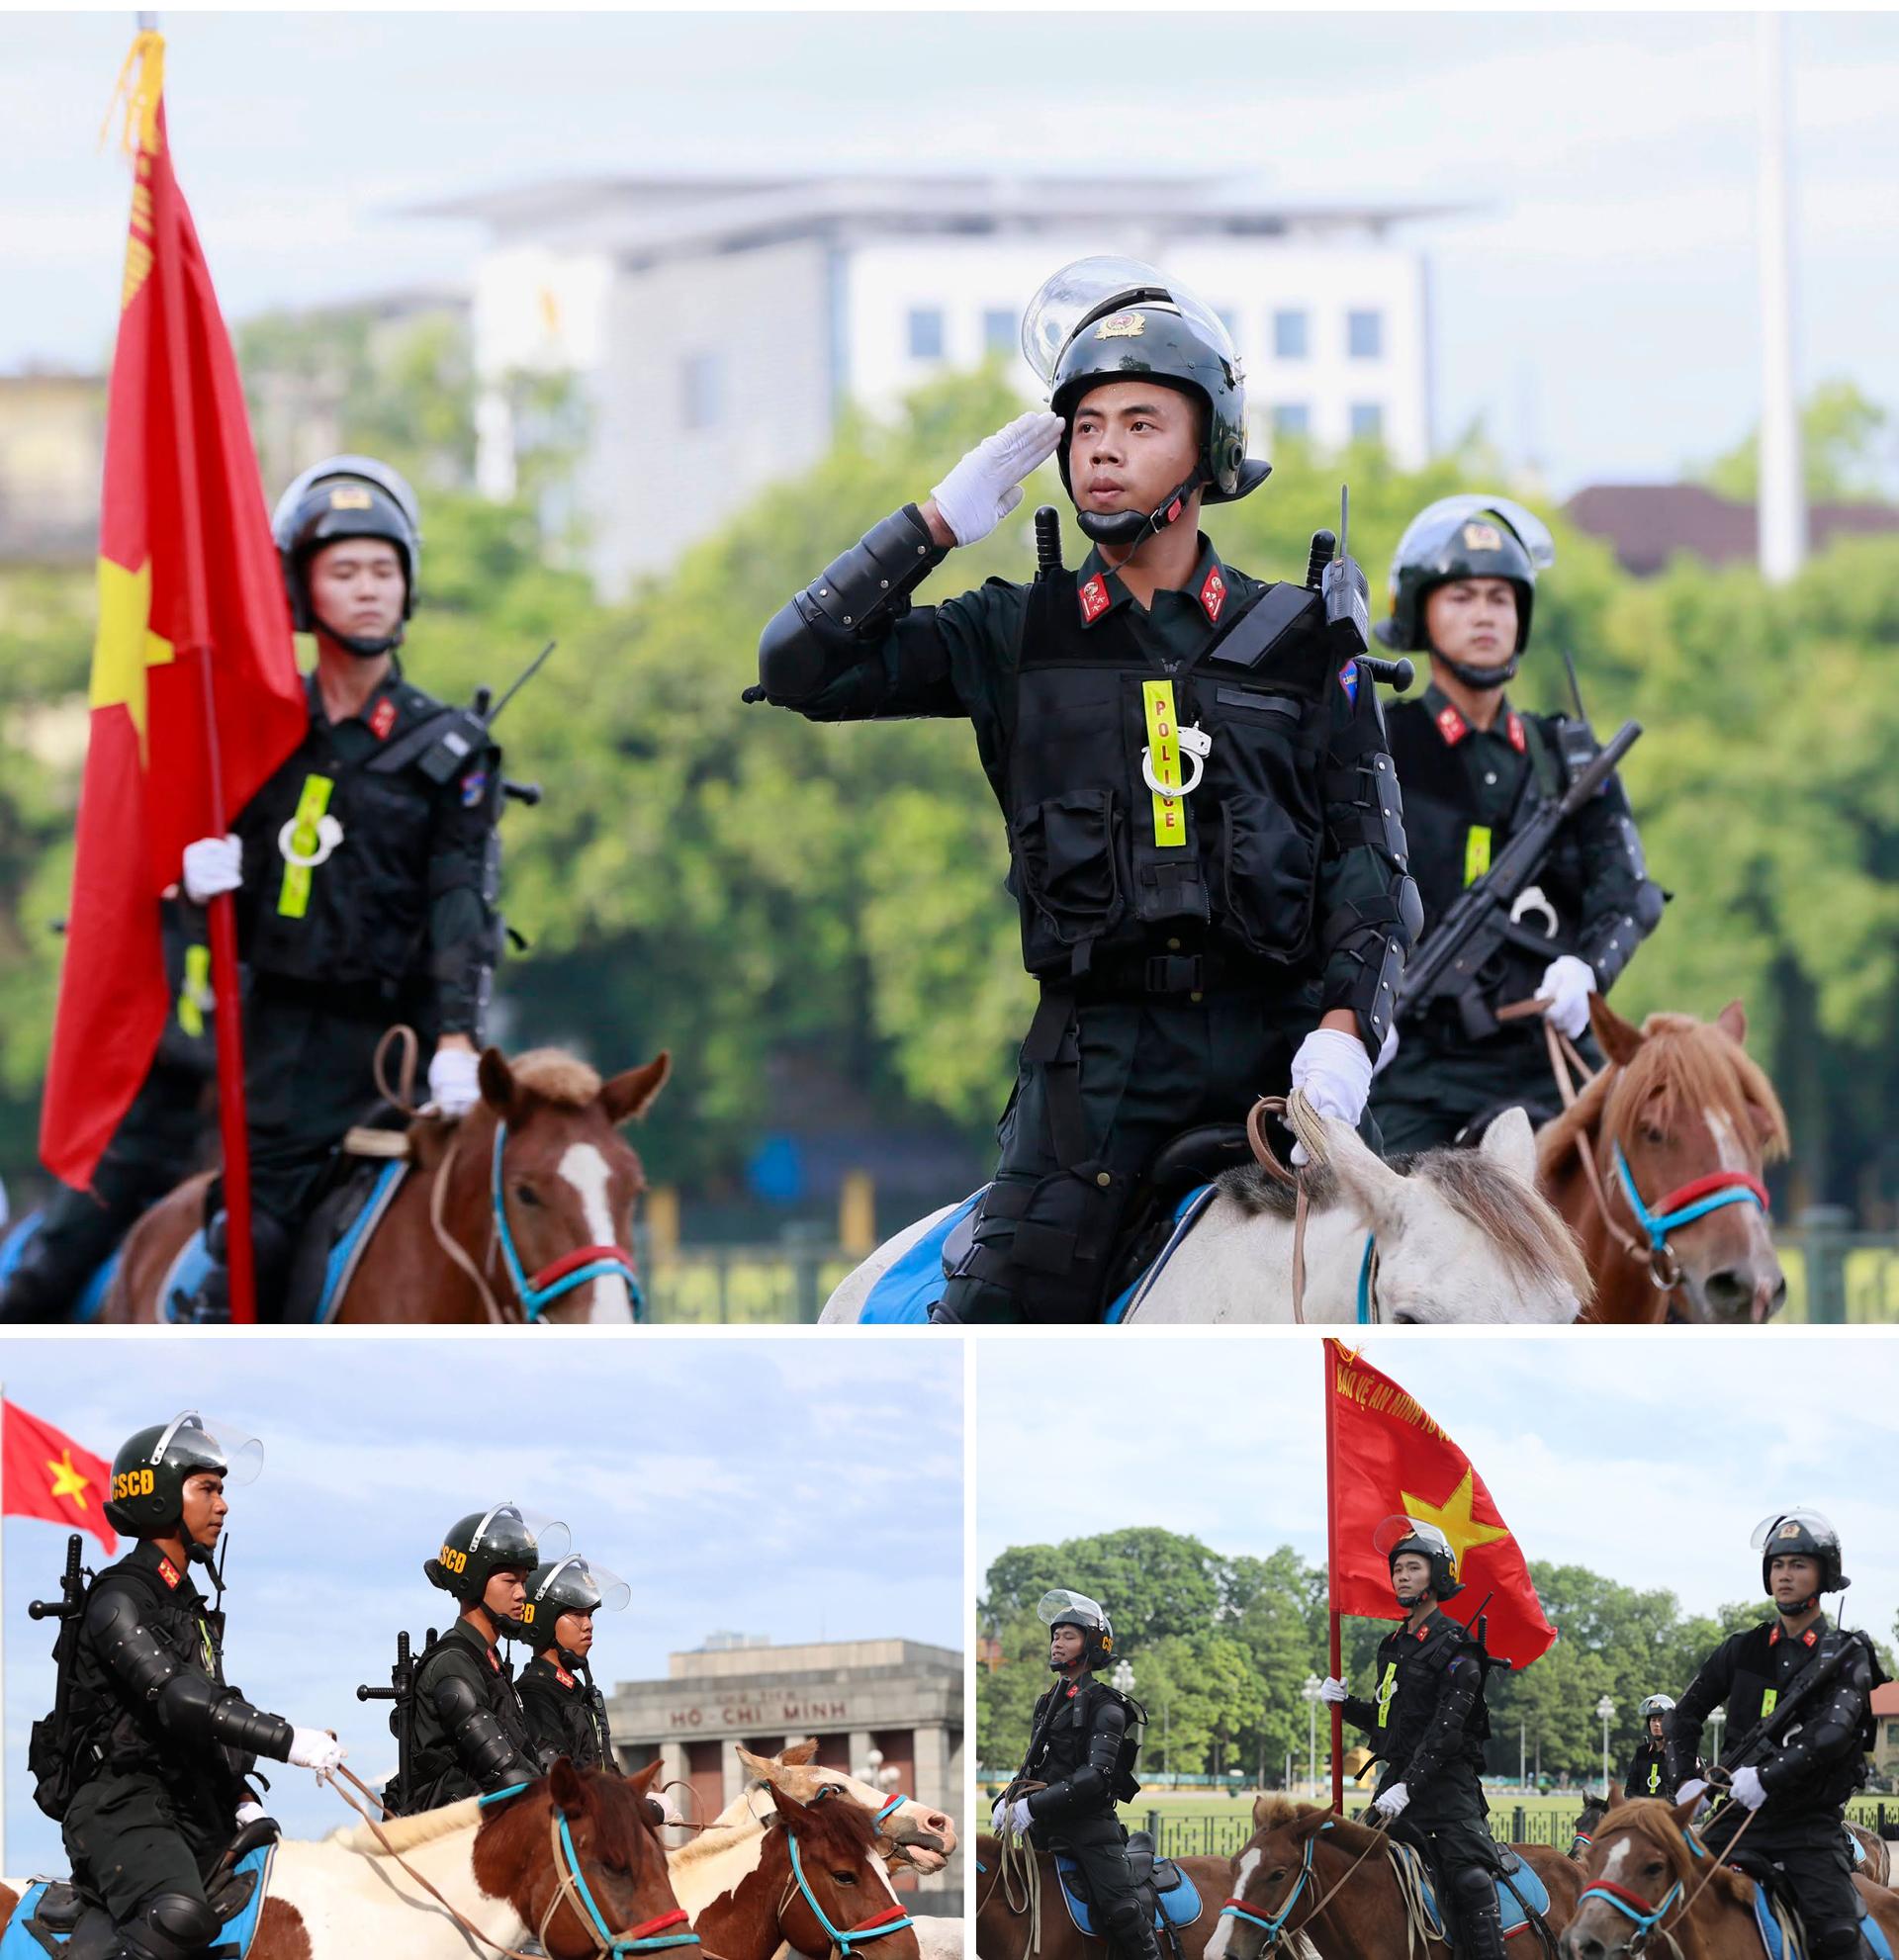 Ra mắt đoàn cảnh sát cơ động kỵ binh  ảnh 7